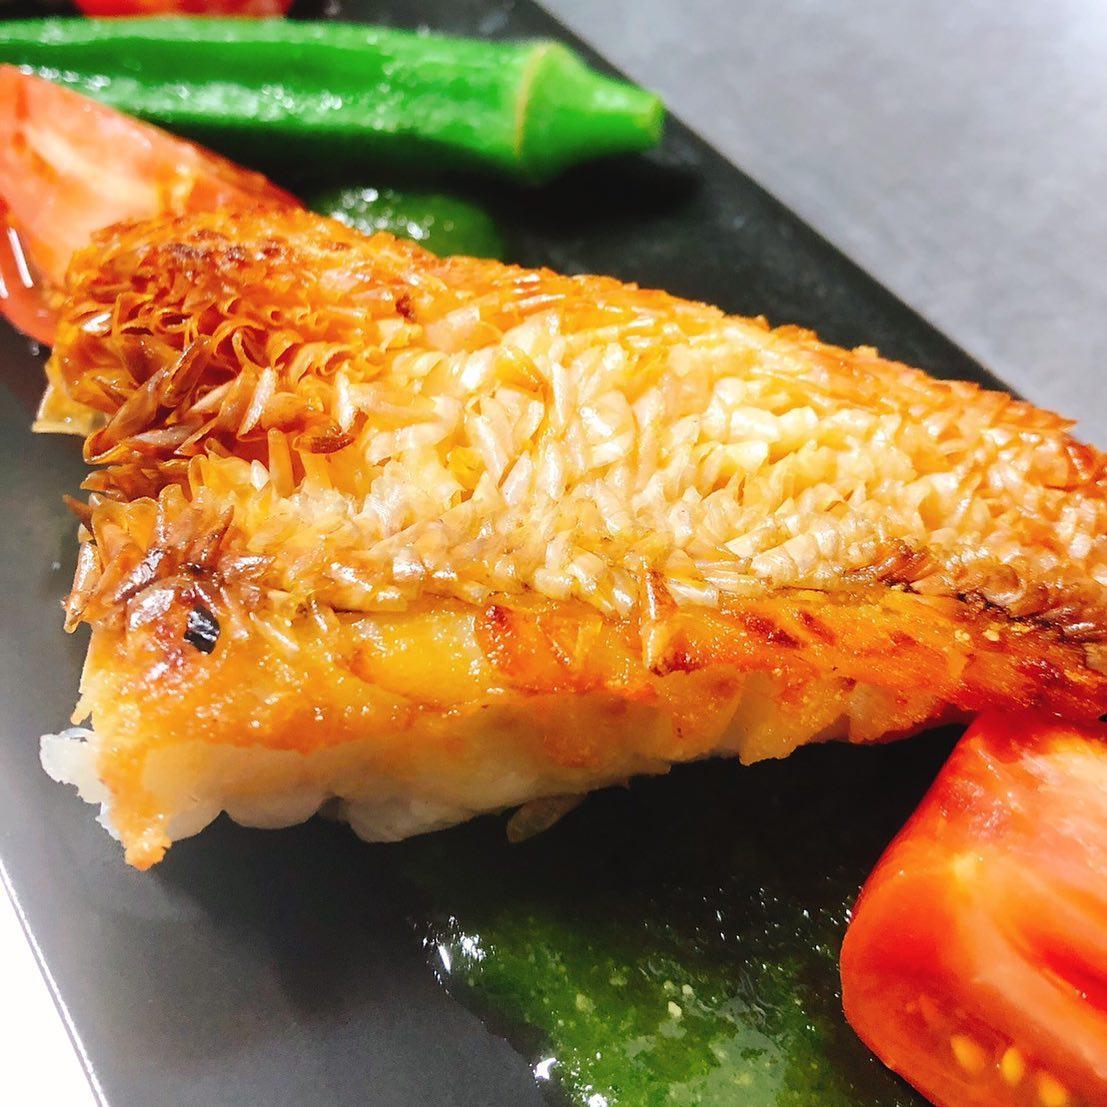 徳島の甘鯛あります。 鱗焼きでパリパリ、身はふっくらおすすめです️ 本日20時以降、カウンターのみのご案内となります。 ご来店の際は1度ご連絡下さい よろしくお願いいたします🏻